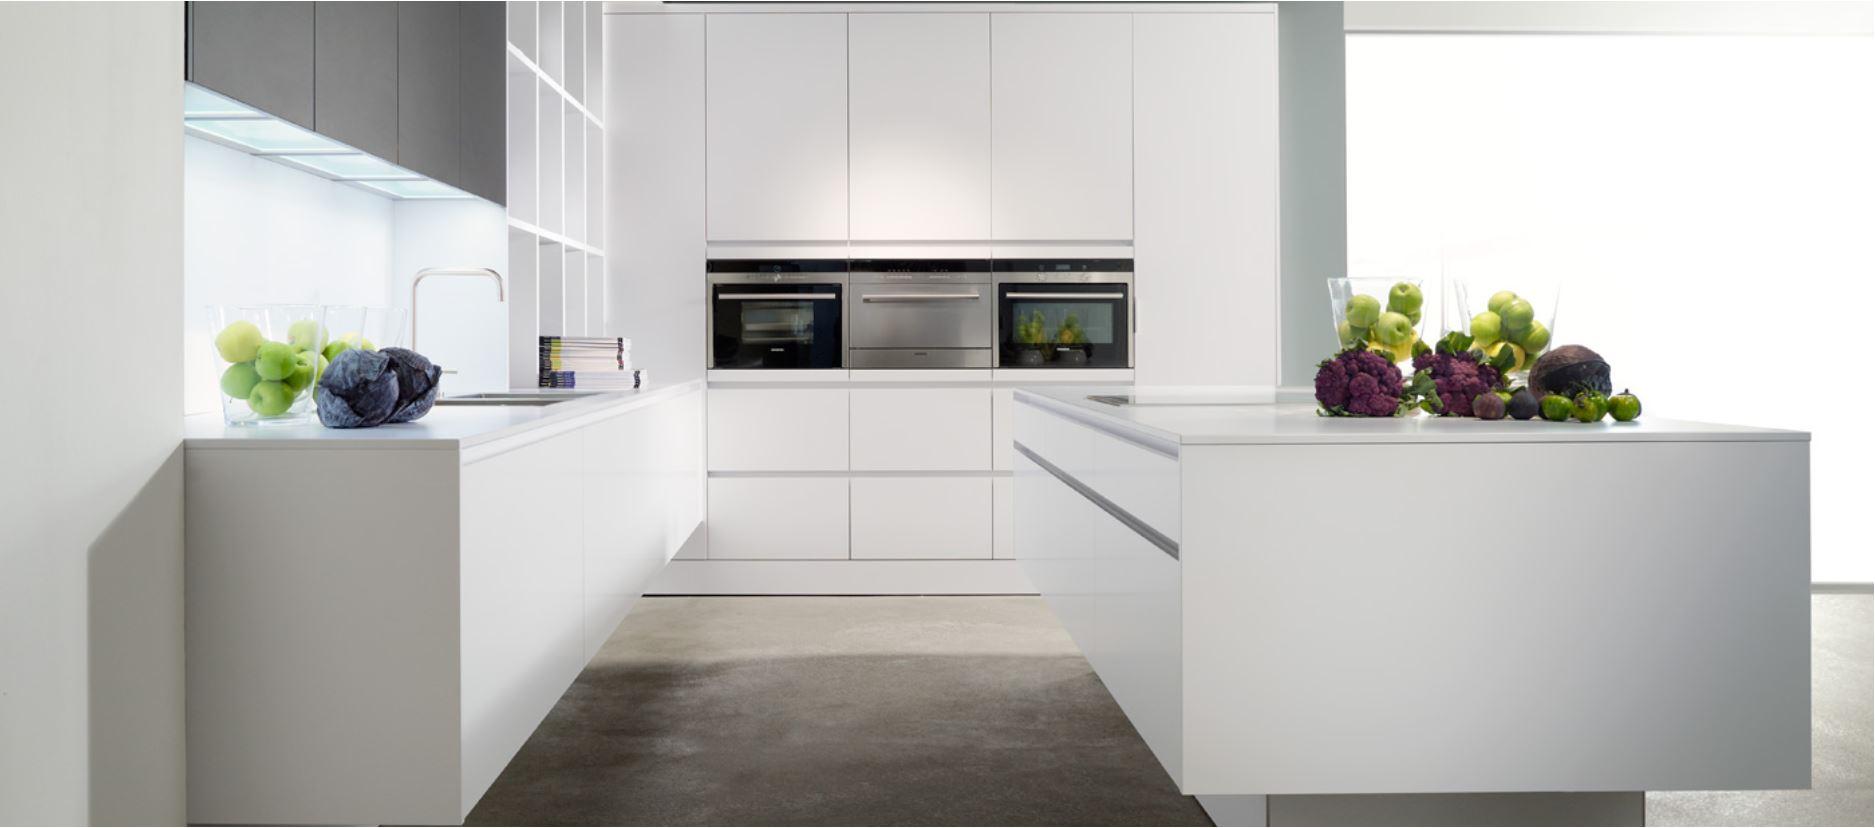 Nieuwe Trends Boco Keukens